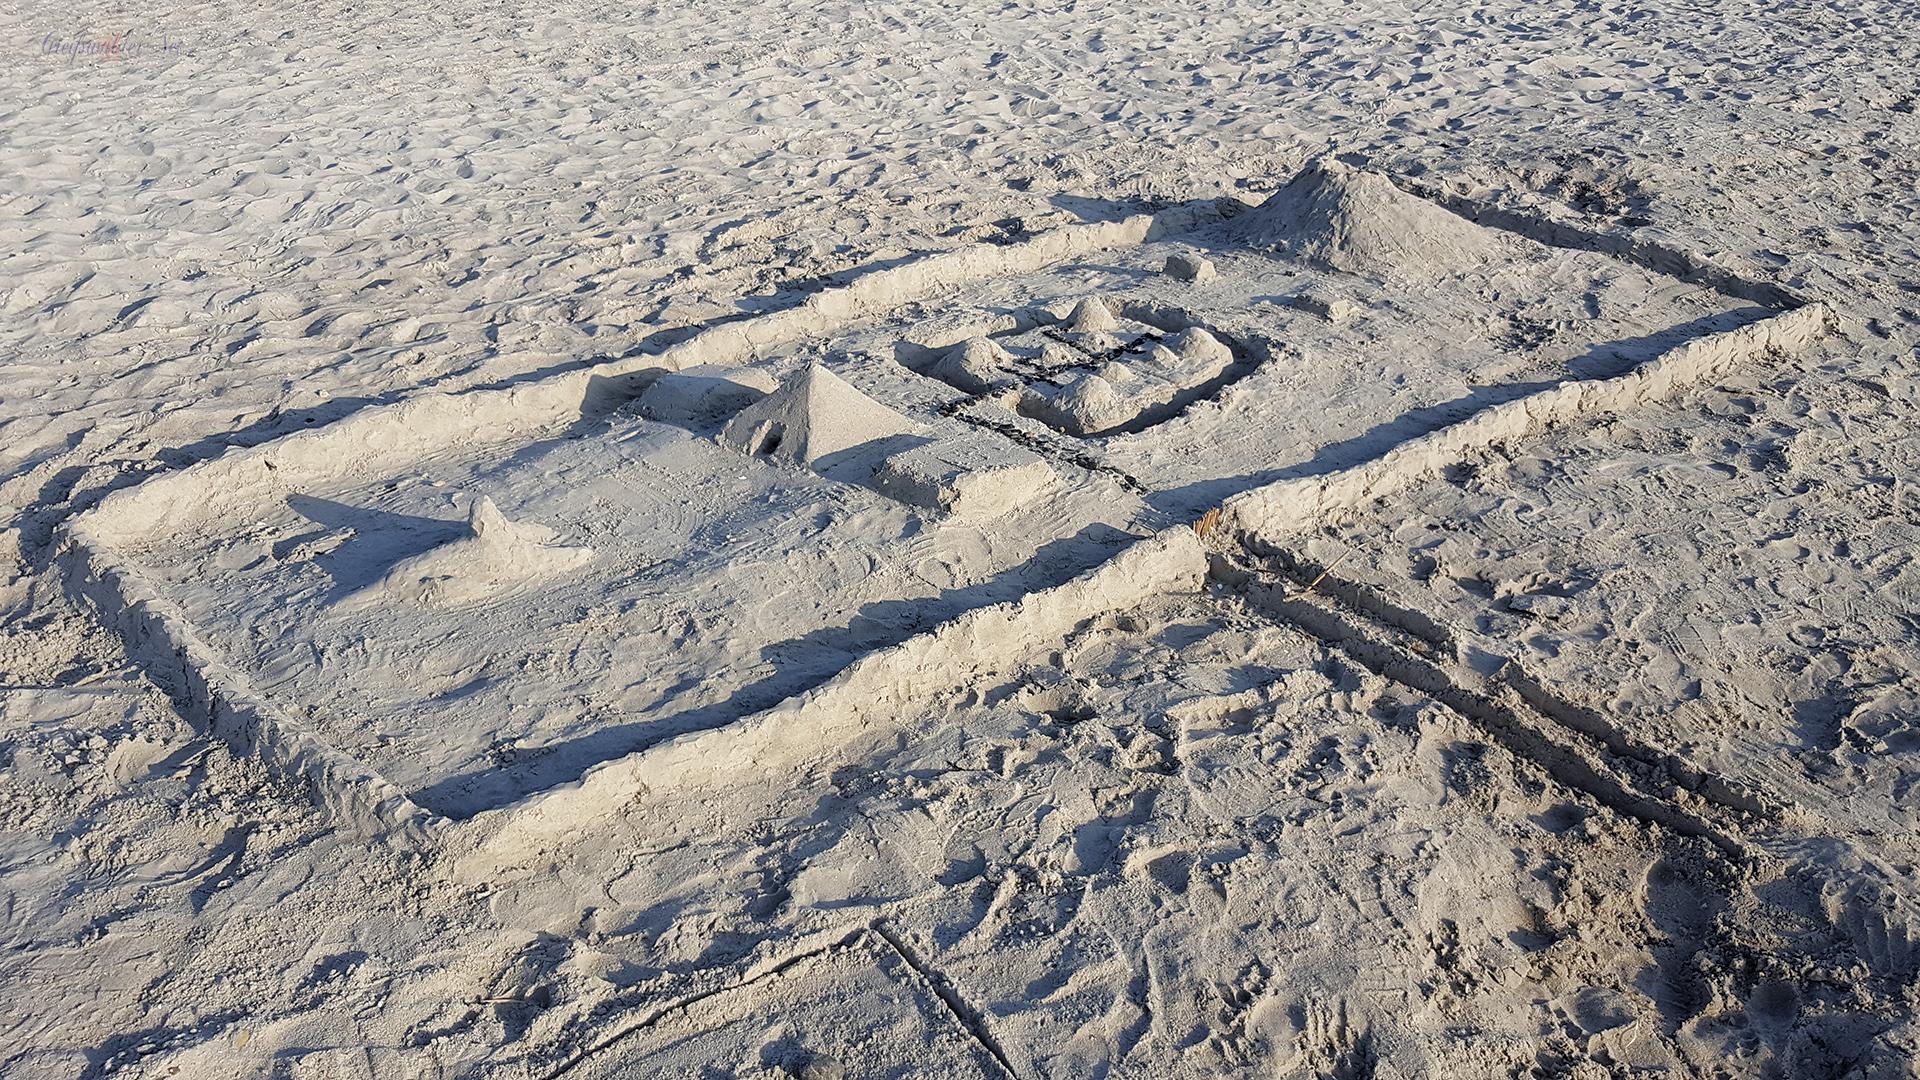 Sandburg am Strand in Greifswald-Eldena